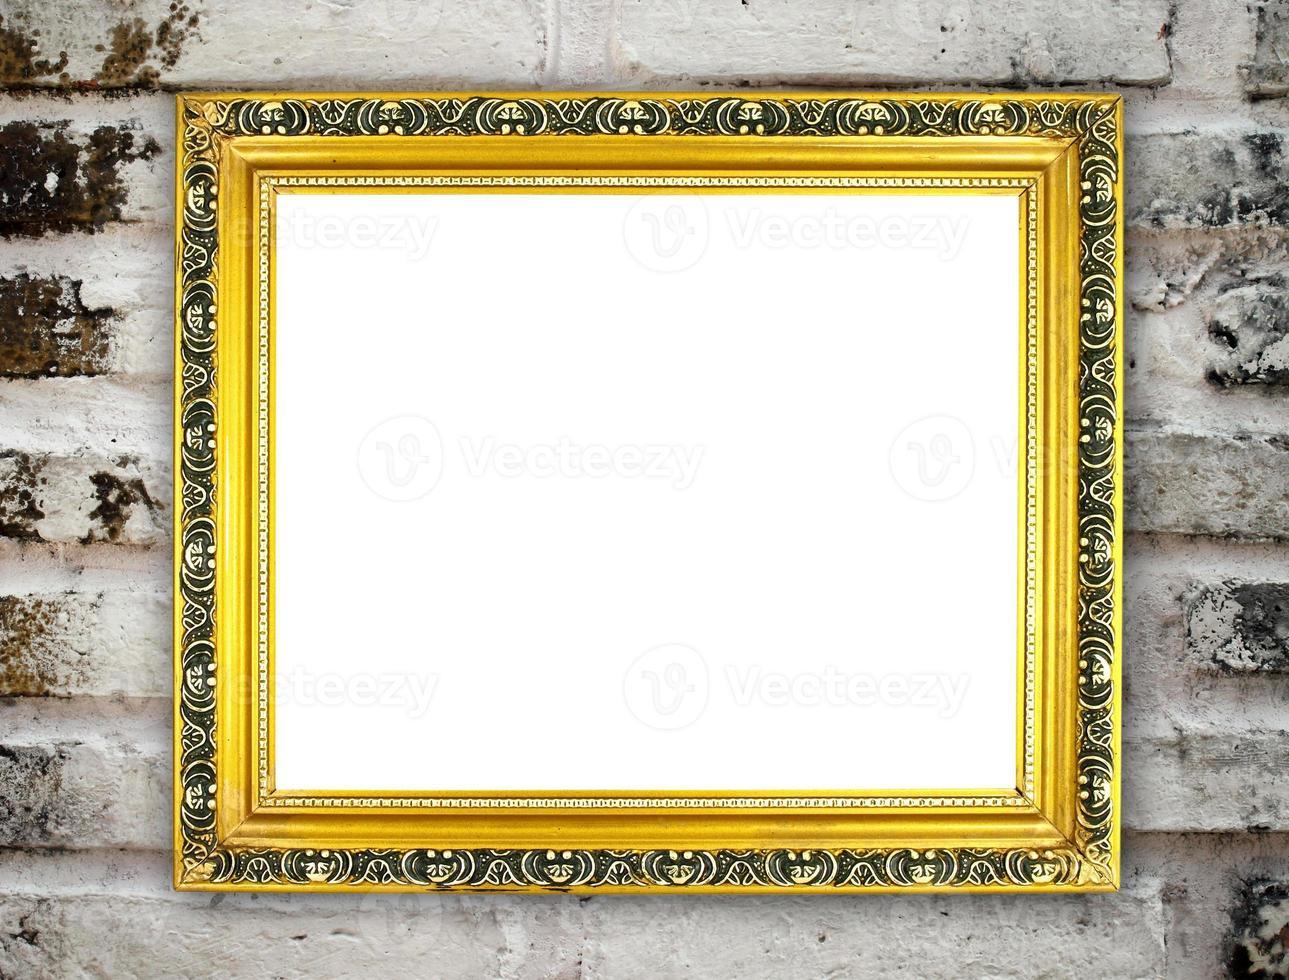 moldura dourada em branco na parede de tijolo foto